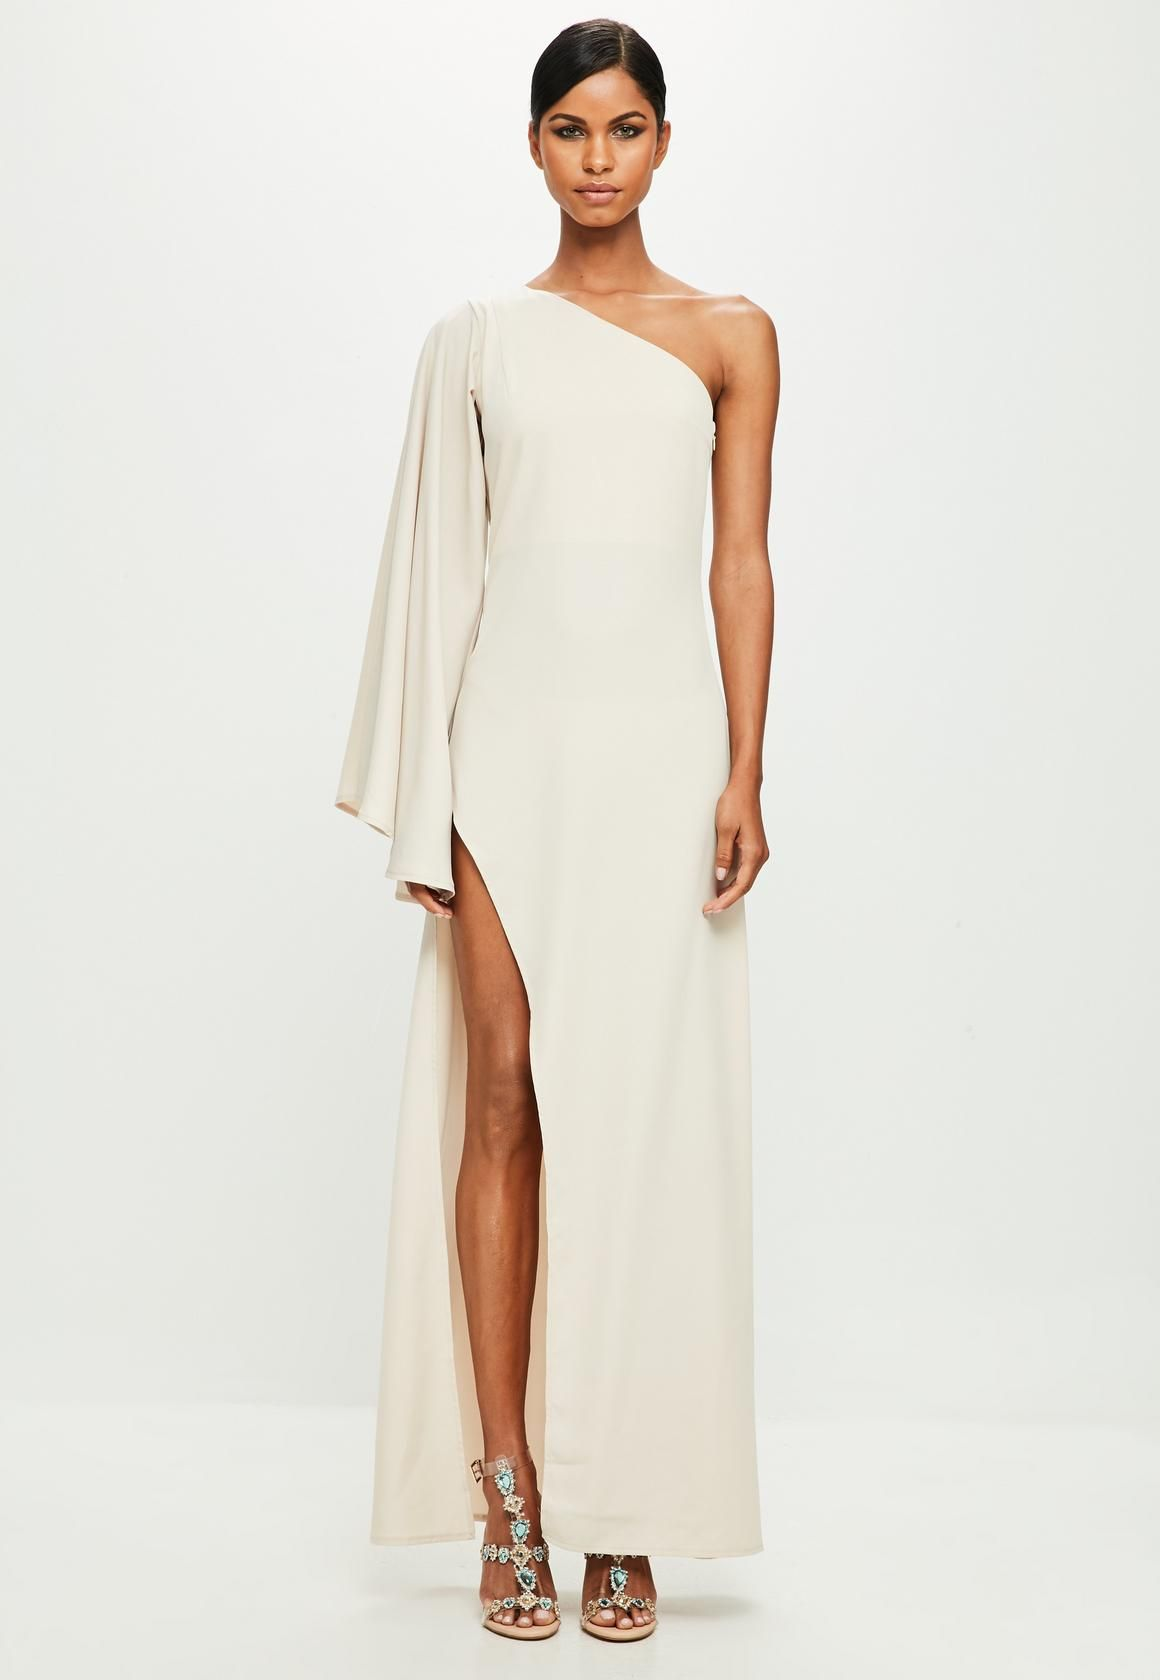 178a7b2e6 Missguided - Peace Love Vestido largo de escote asimétrico en nude